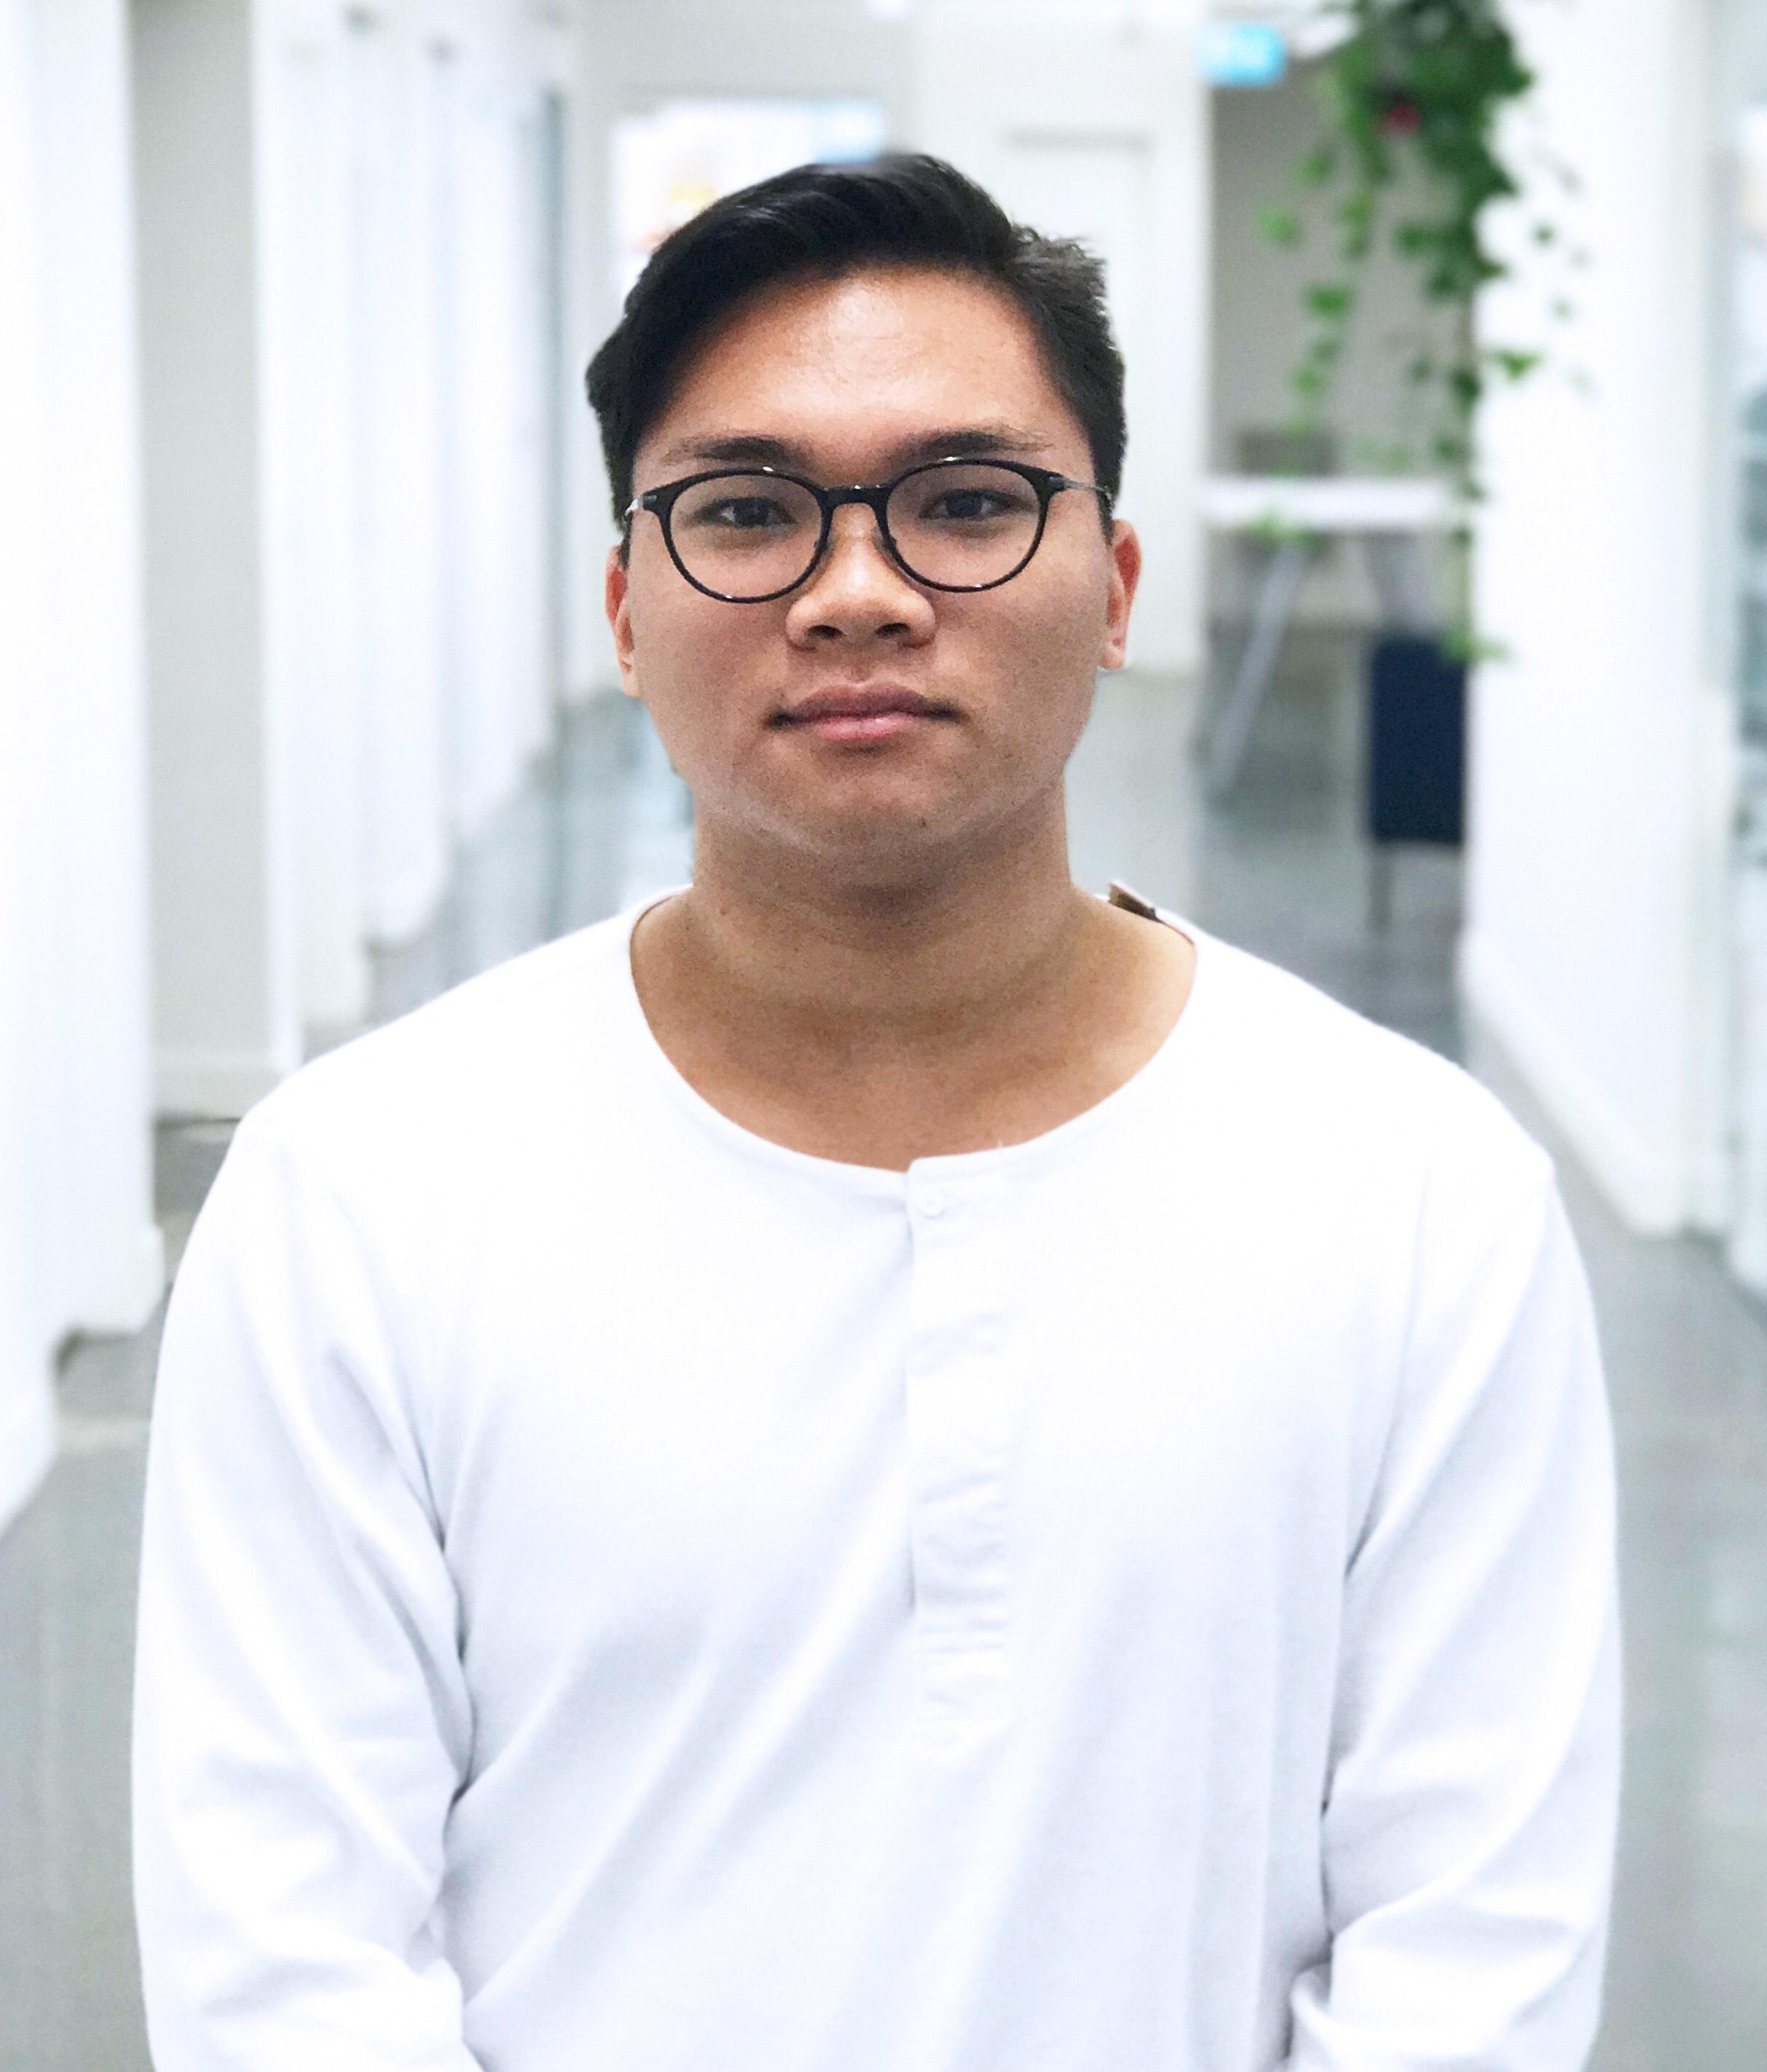 UX Design student